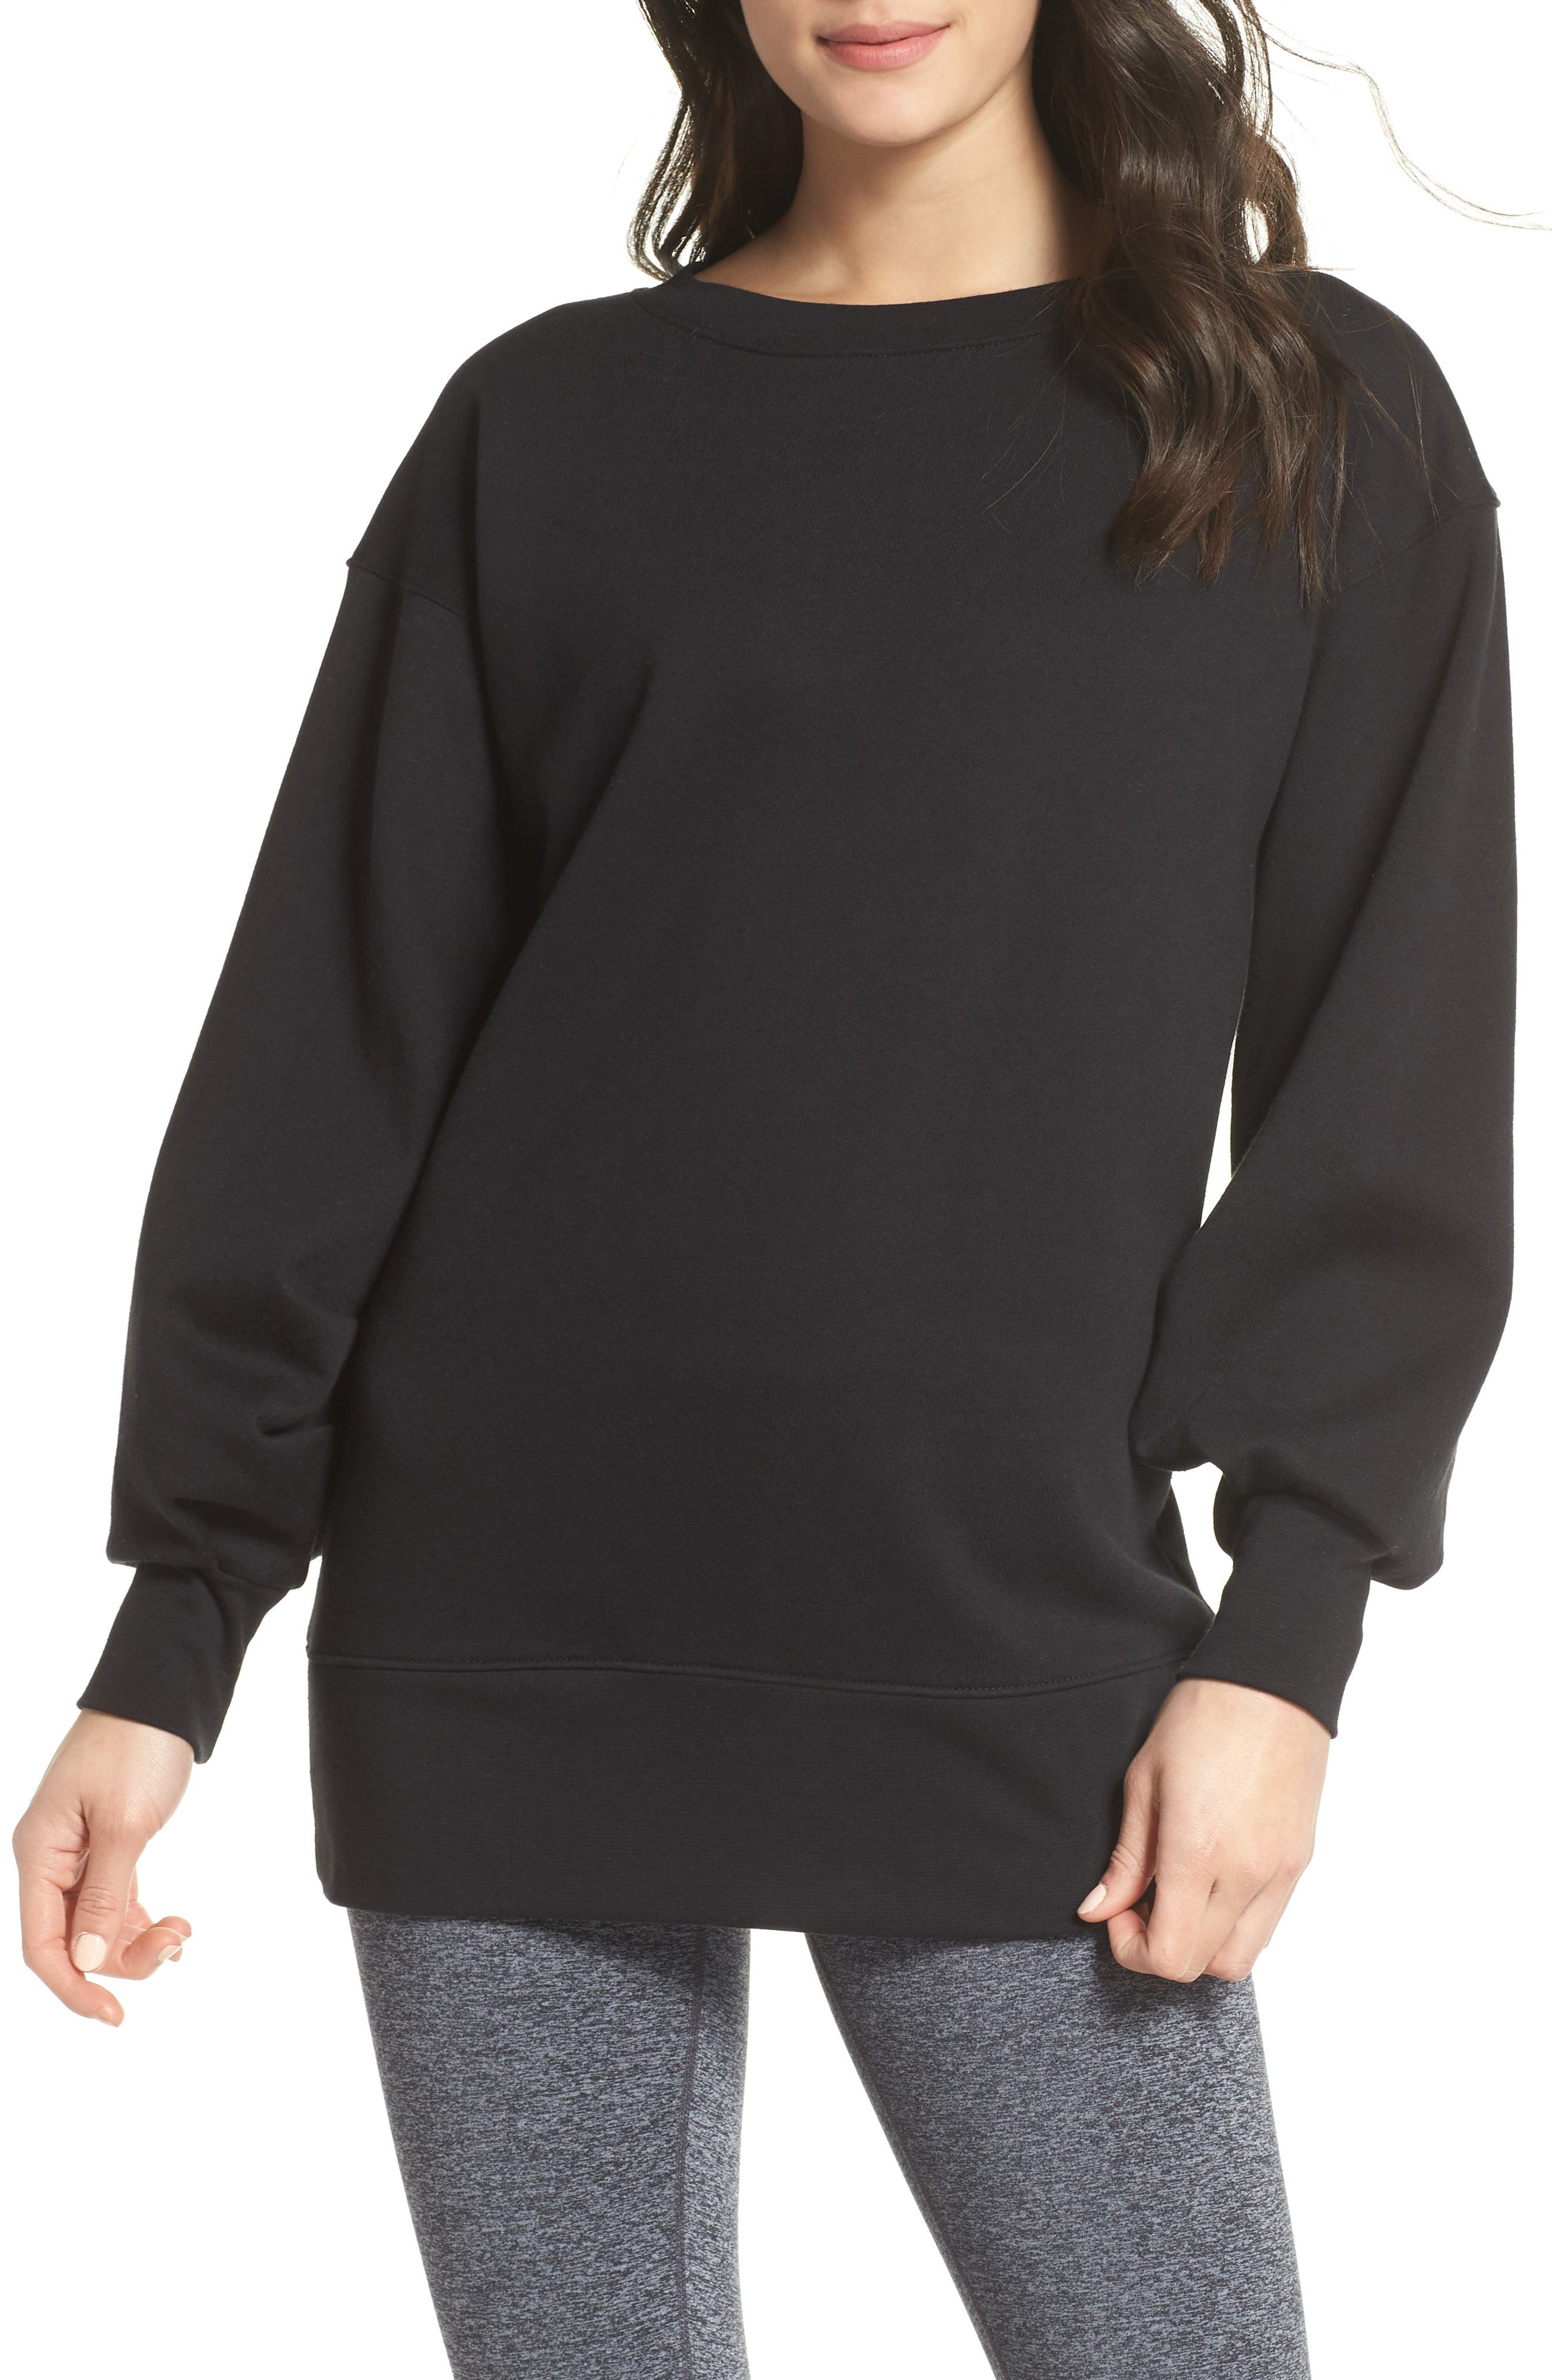 ZELLA Boxy Oversize Sweatshirt, Main, color, 001